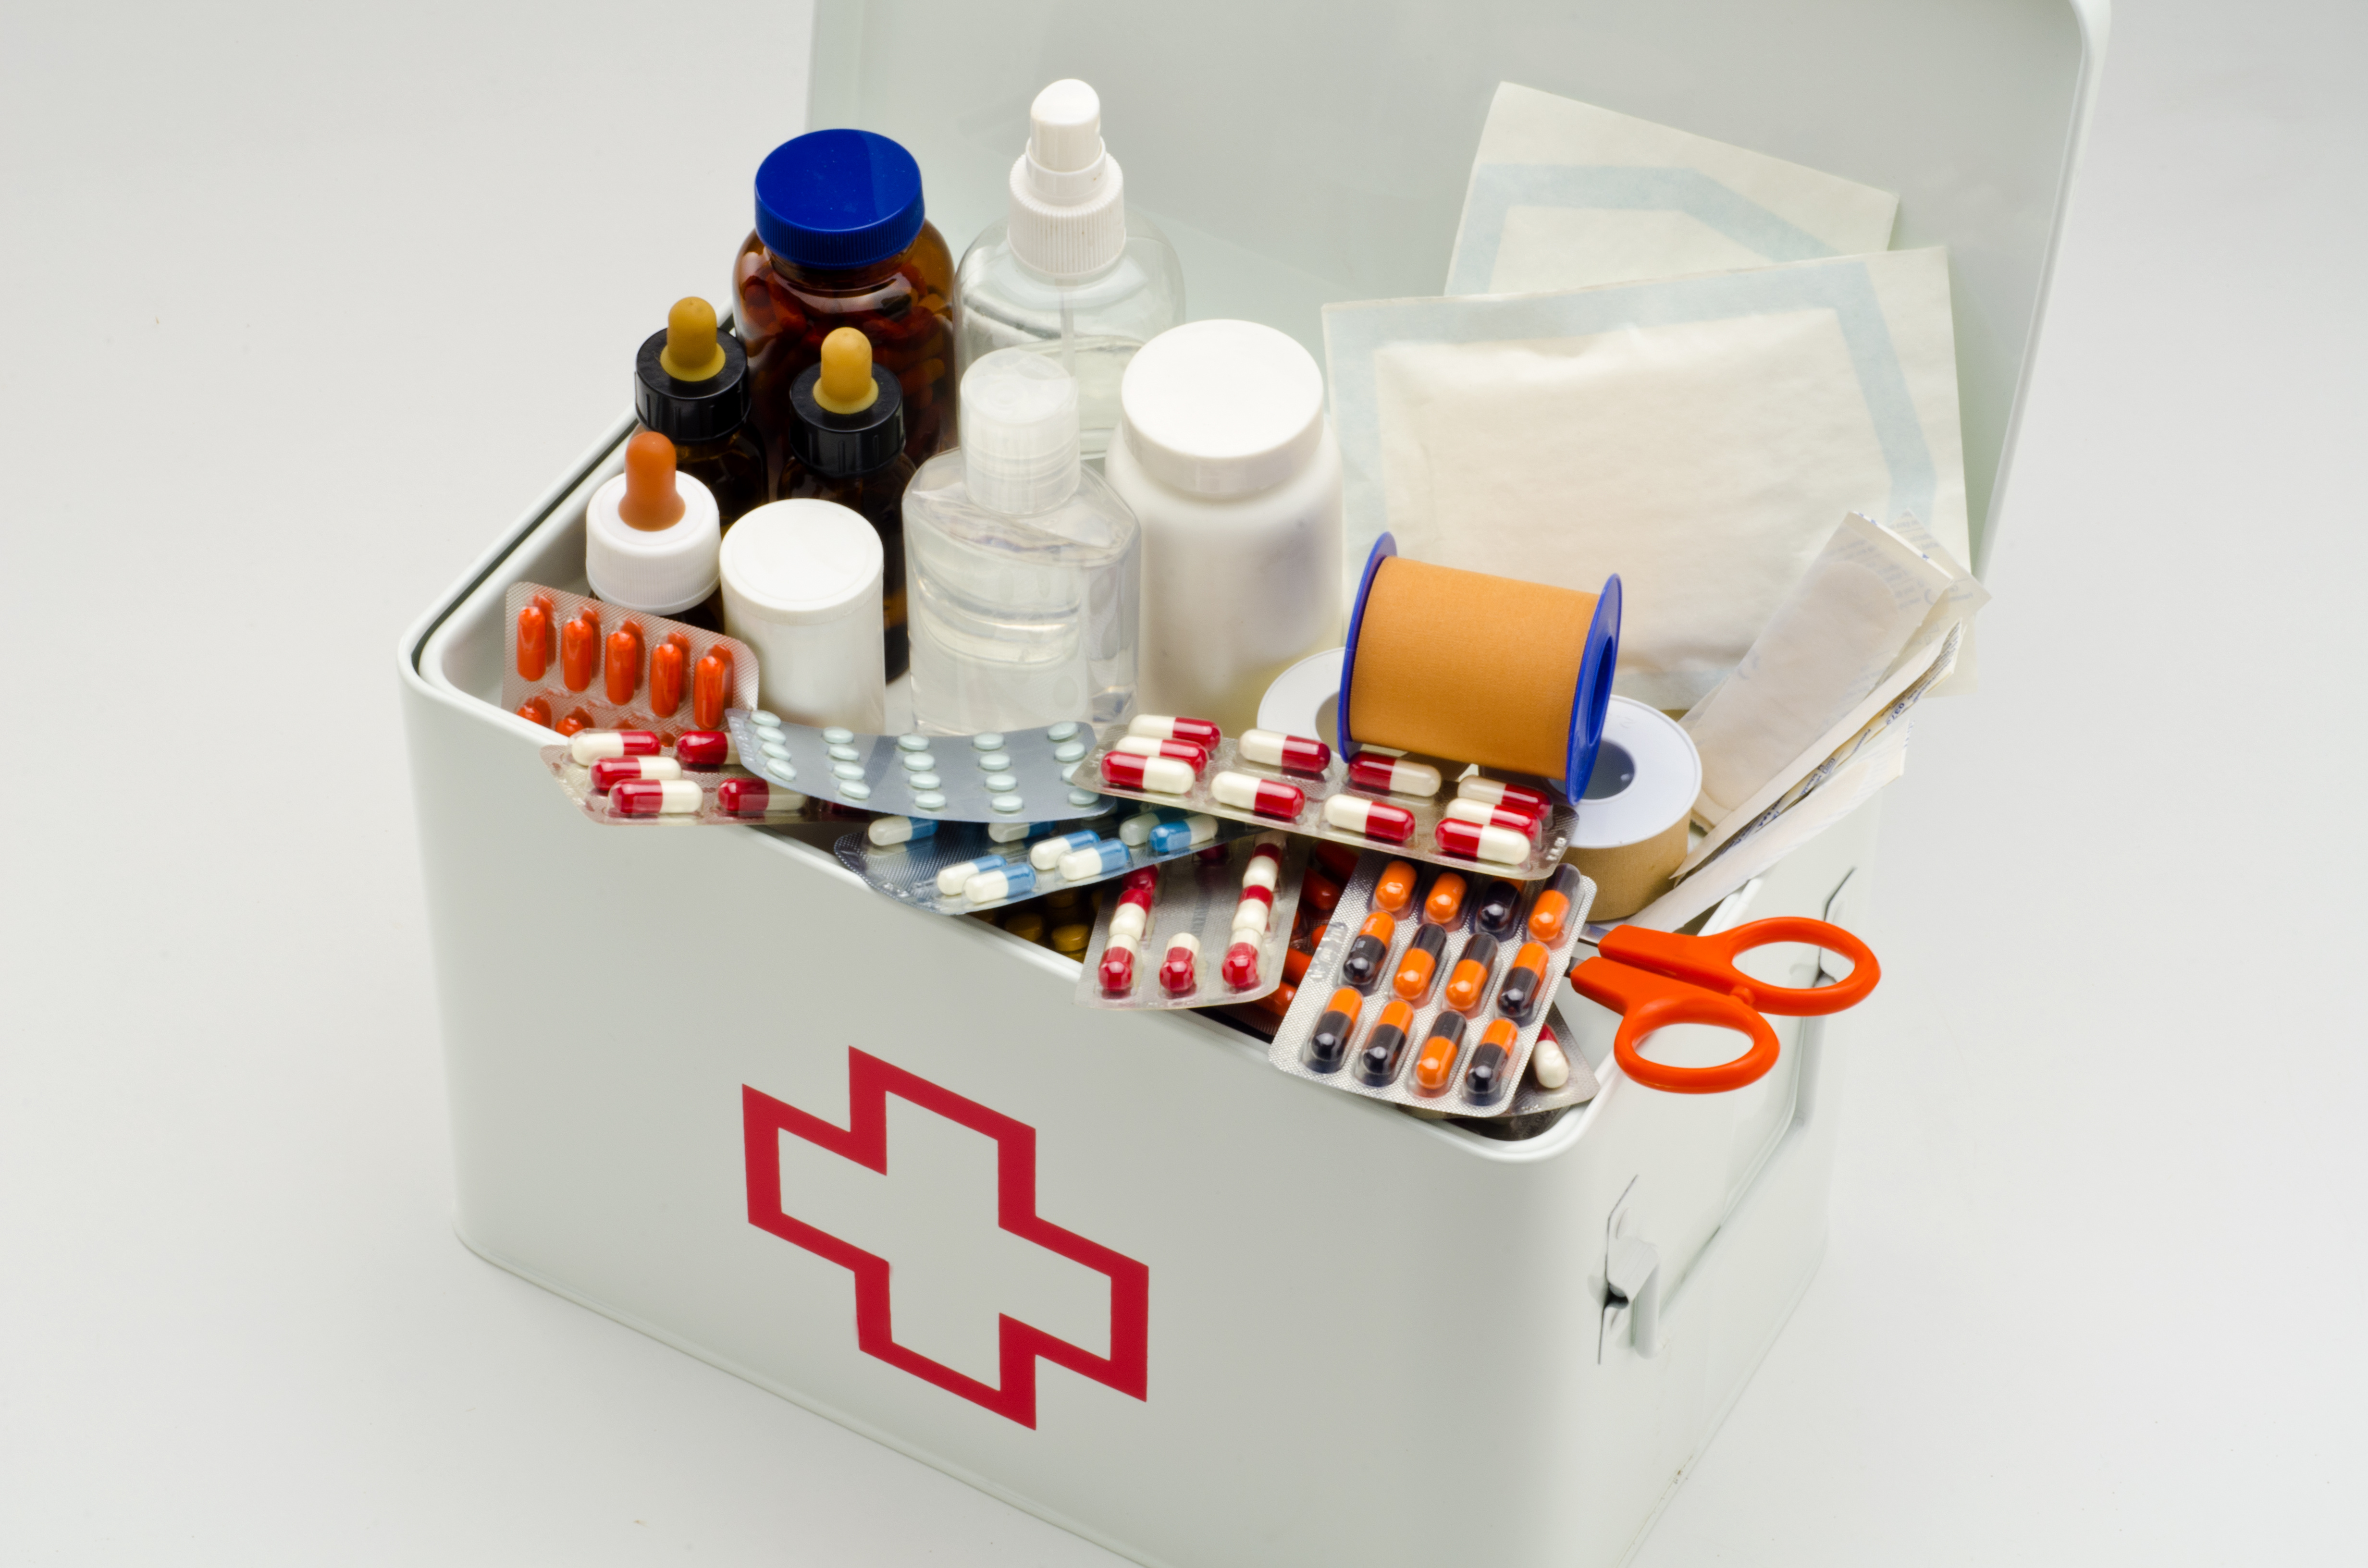 Farmacia Rodes - Especialistas en Dermocosmética - Alicante - Farmacia Rodes 077a5e6a5d5dc